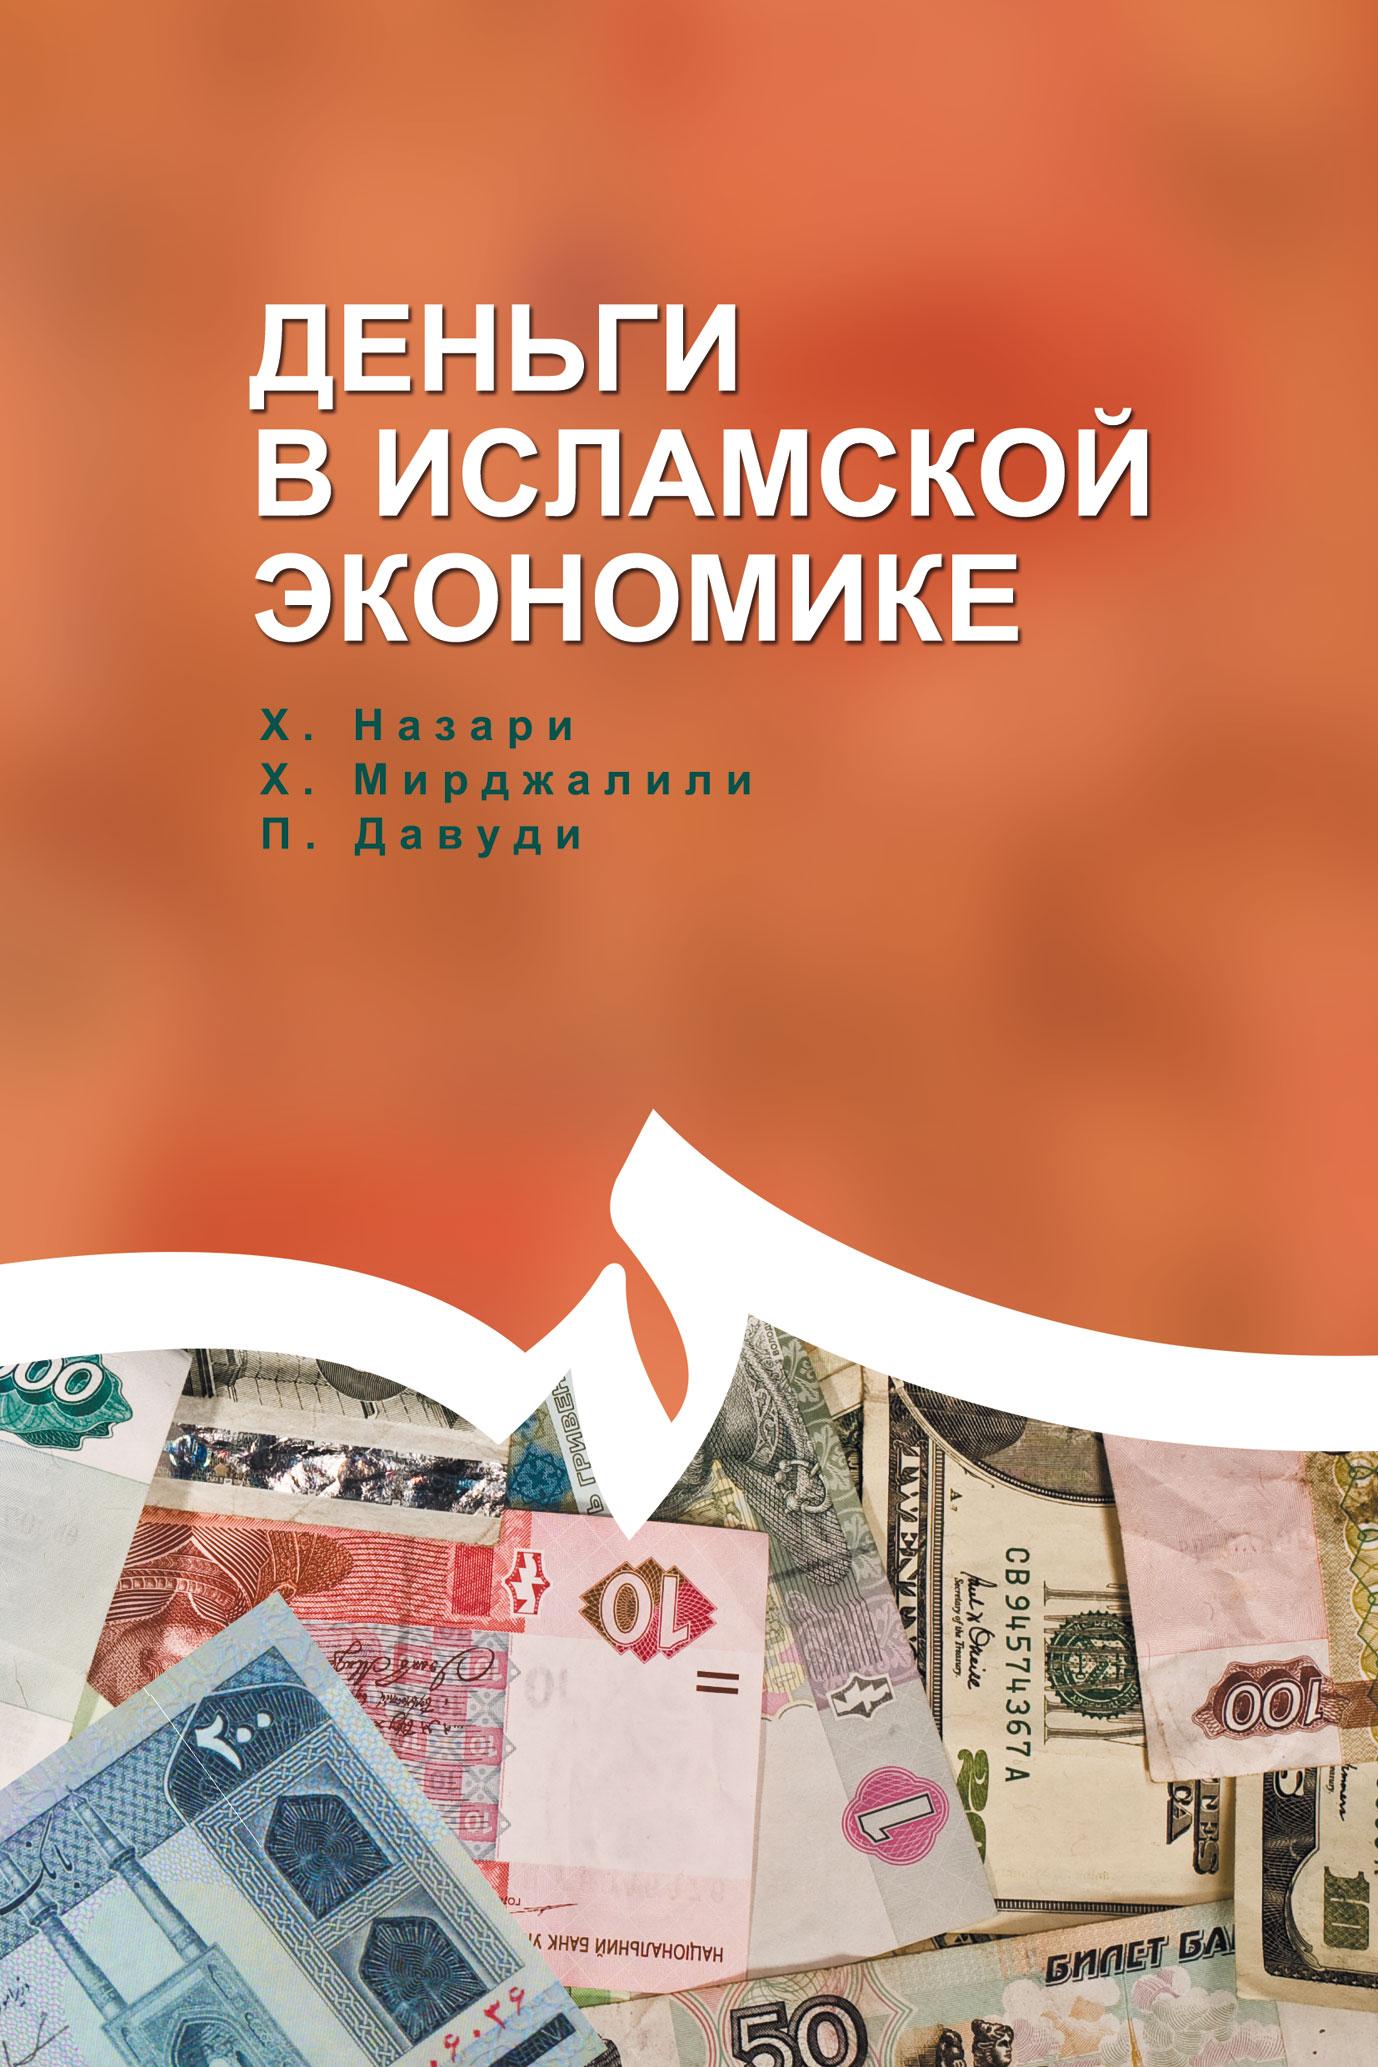 Назари Хасан Деньги в исламской экономике джек везерфорд история денег борьба за деньги от песчаника до киберпространства